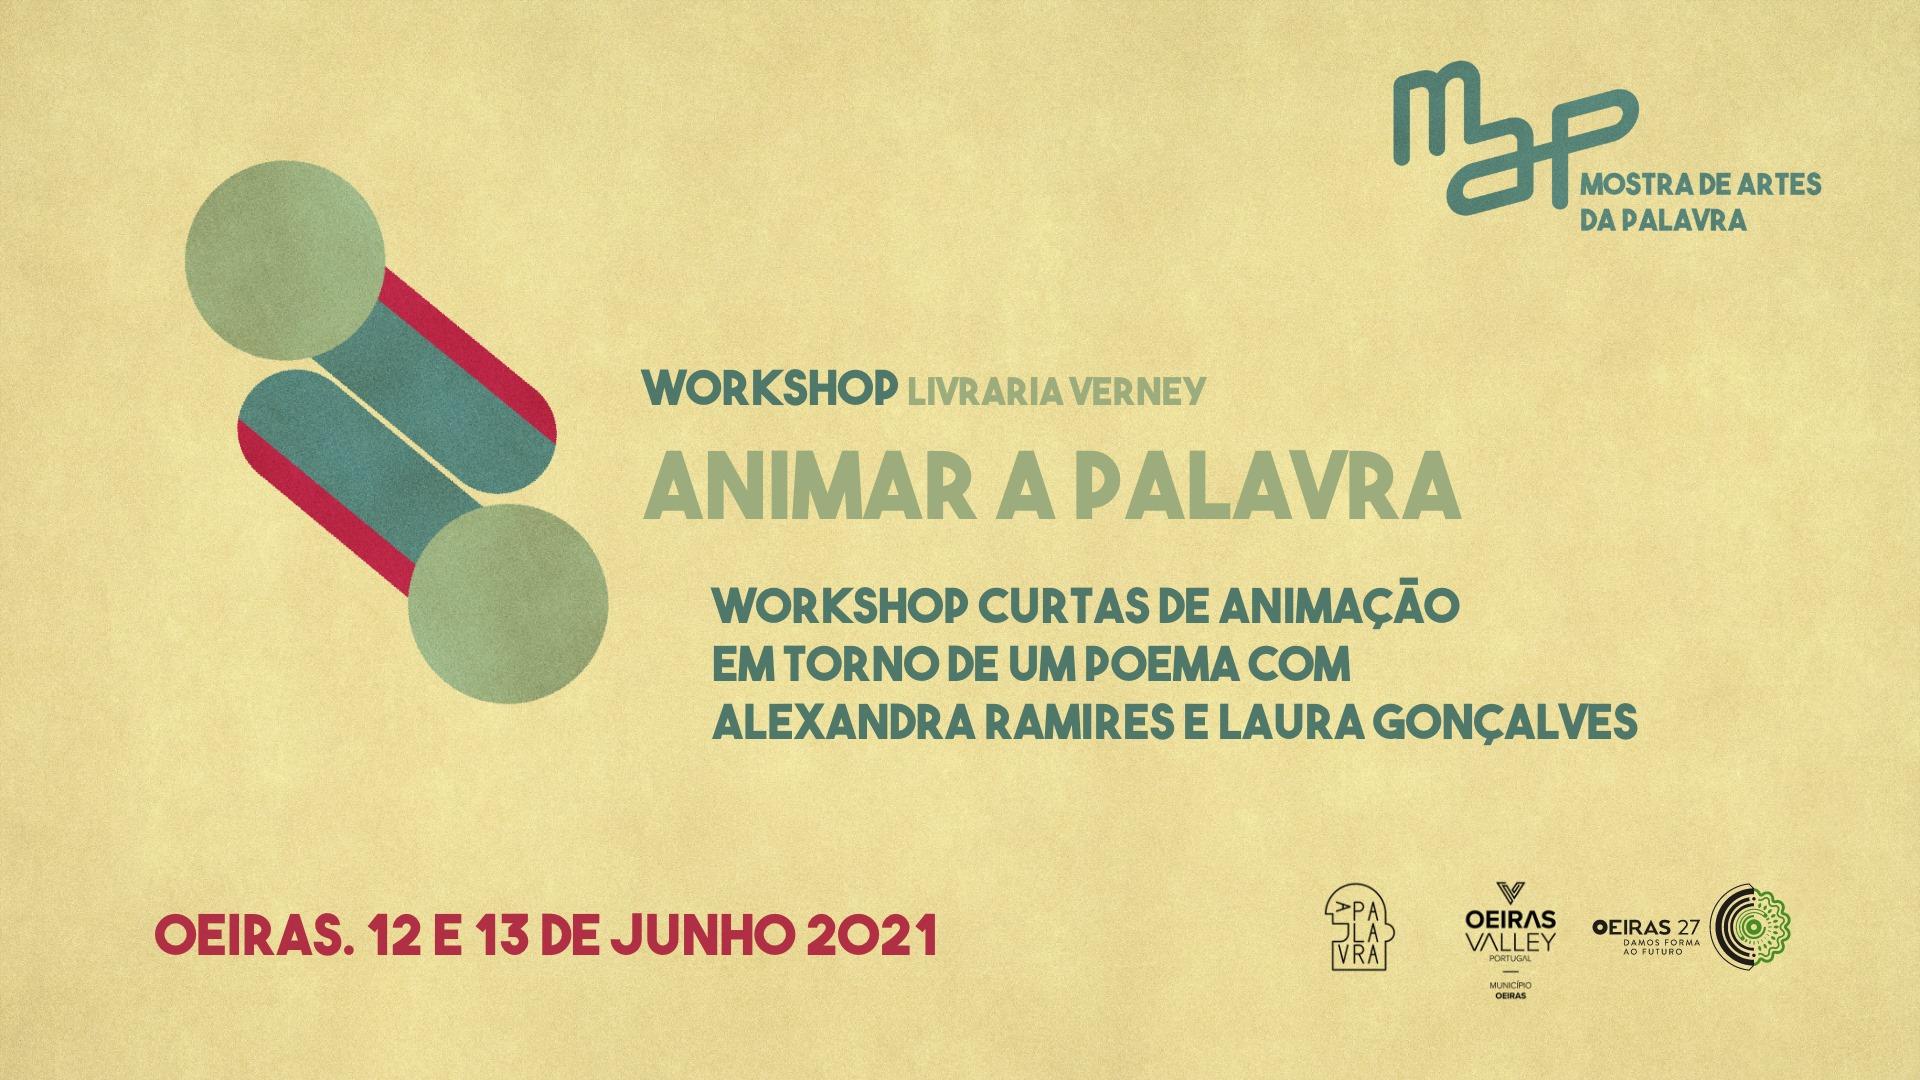 Workshop de Curtas de animação em torno de um poema